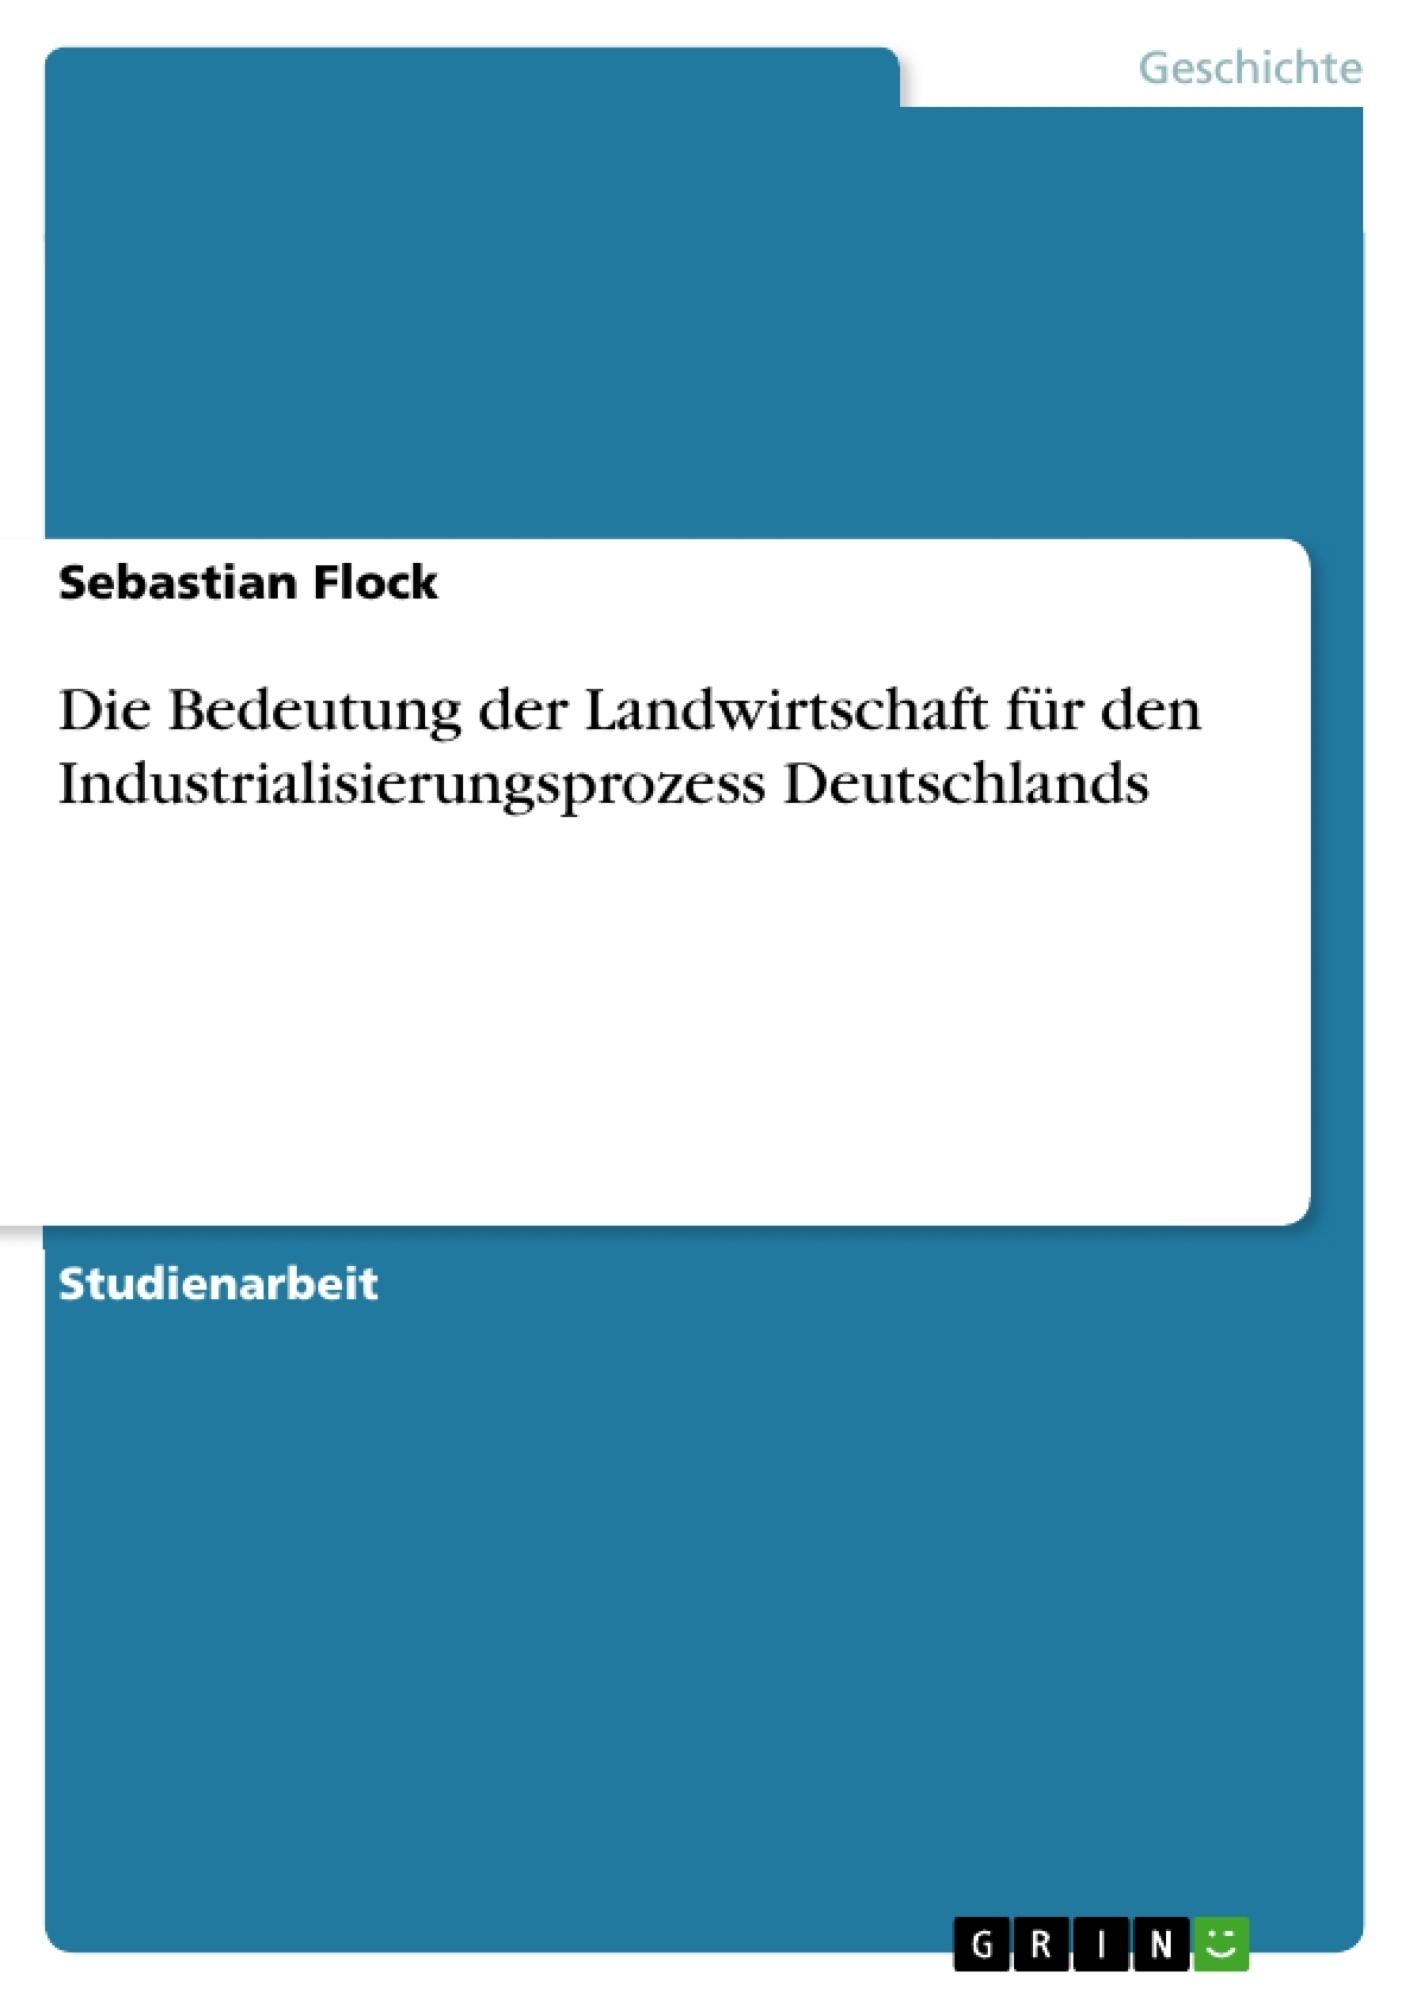 Titel: Die Bedeutung der Landwirtschaft für den Industrialisierungsprozess Deutschlands